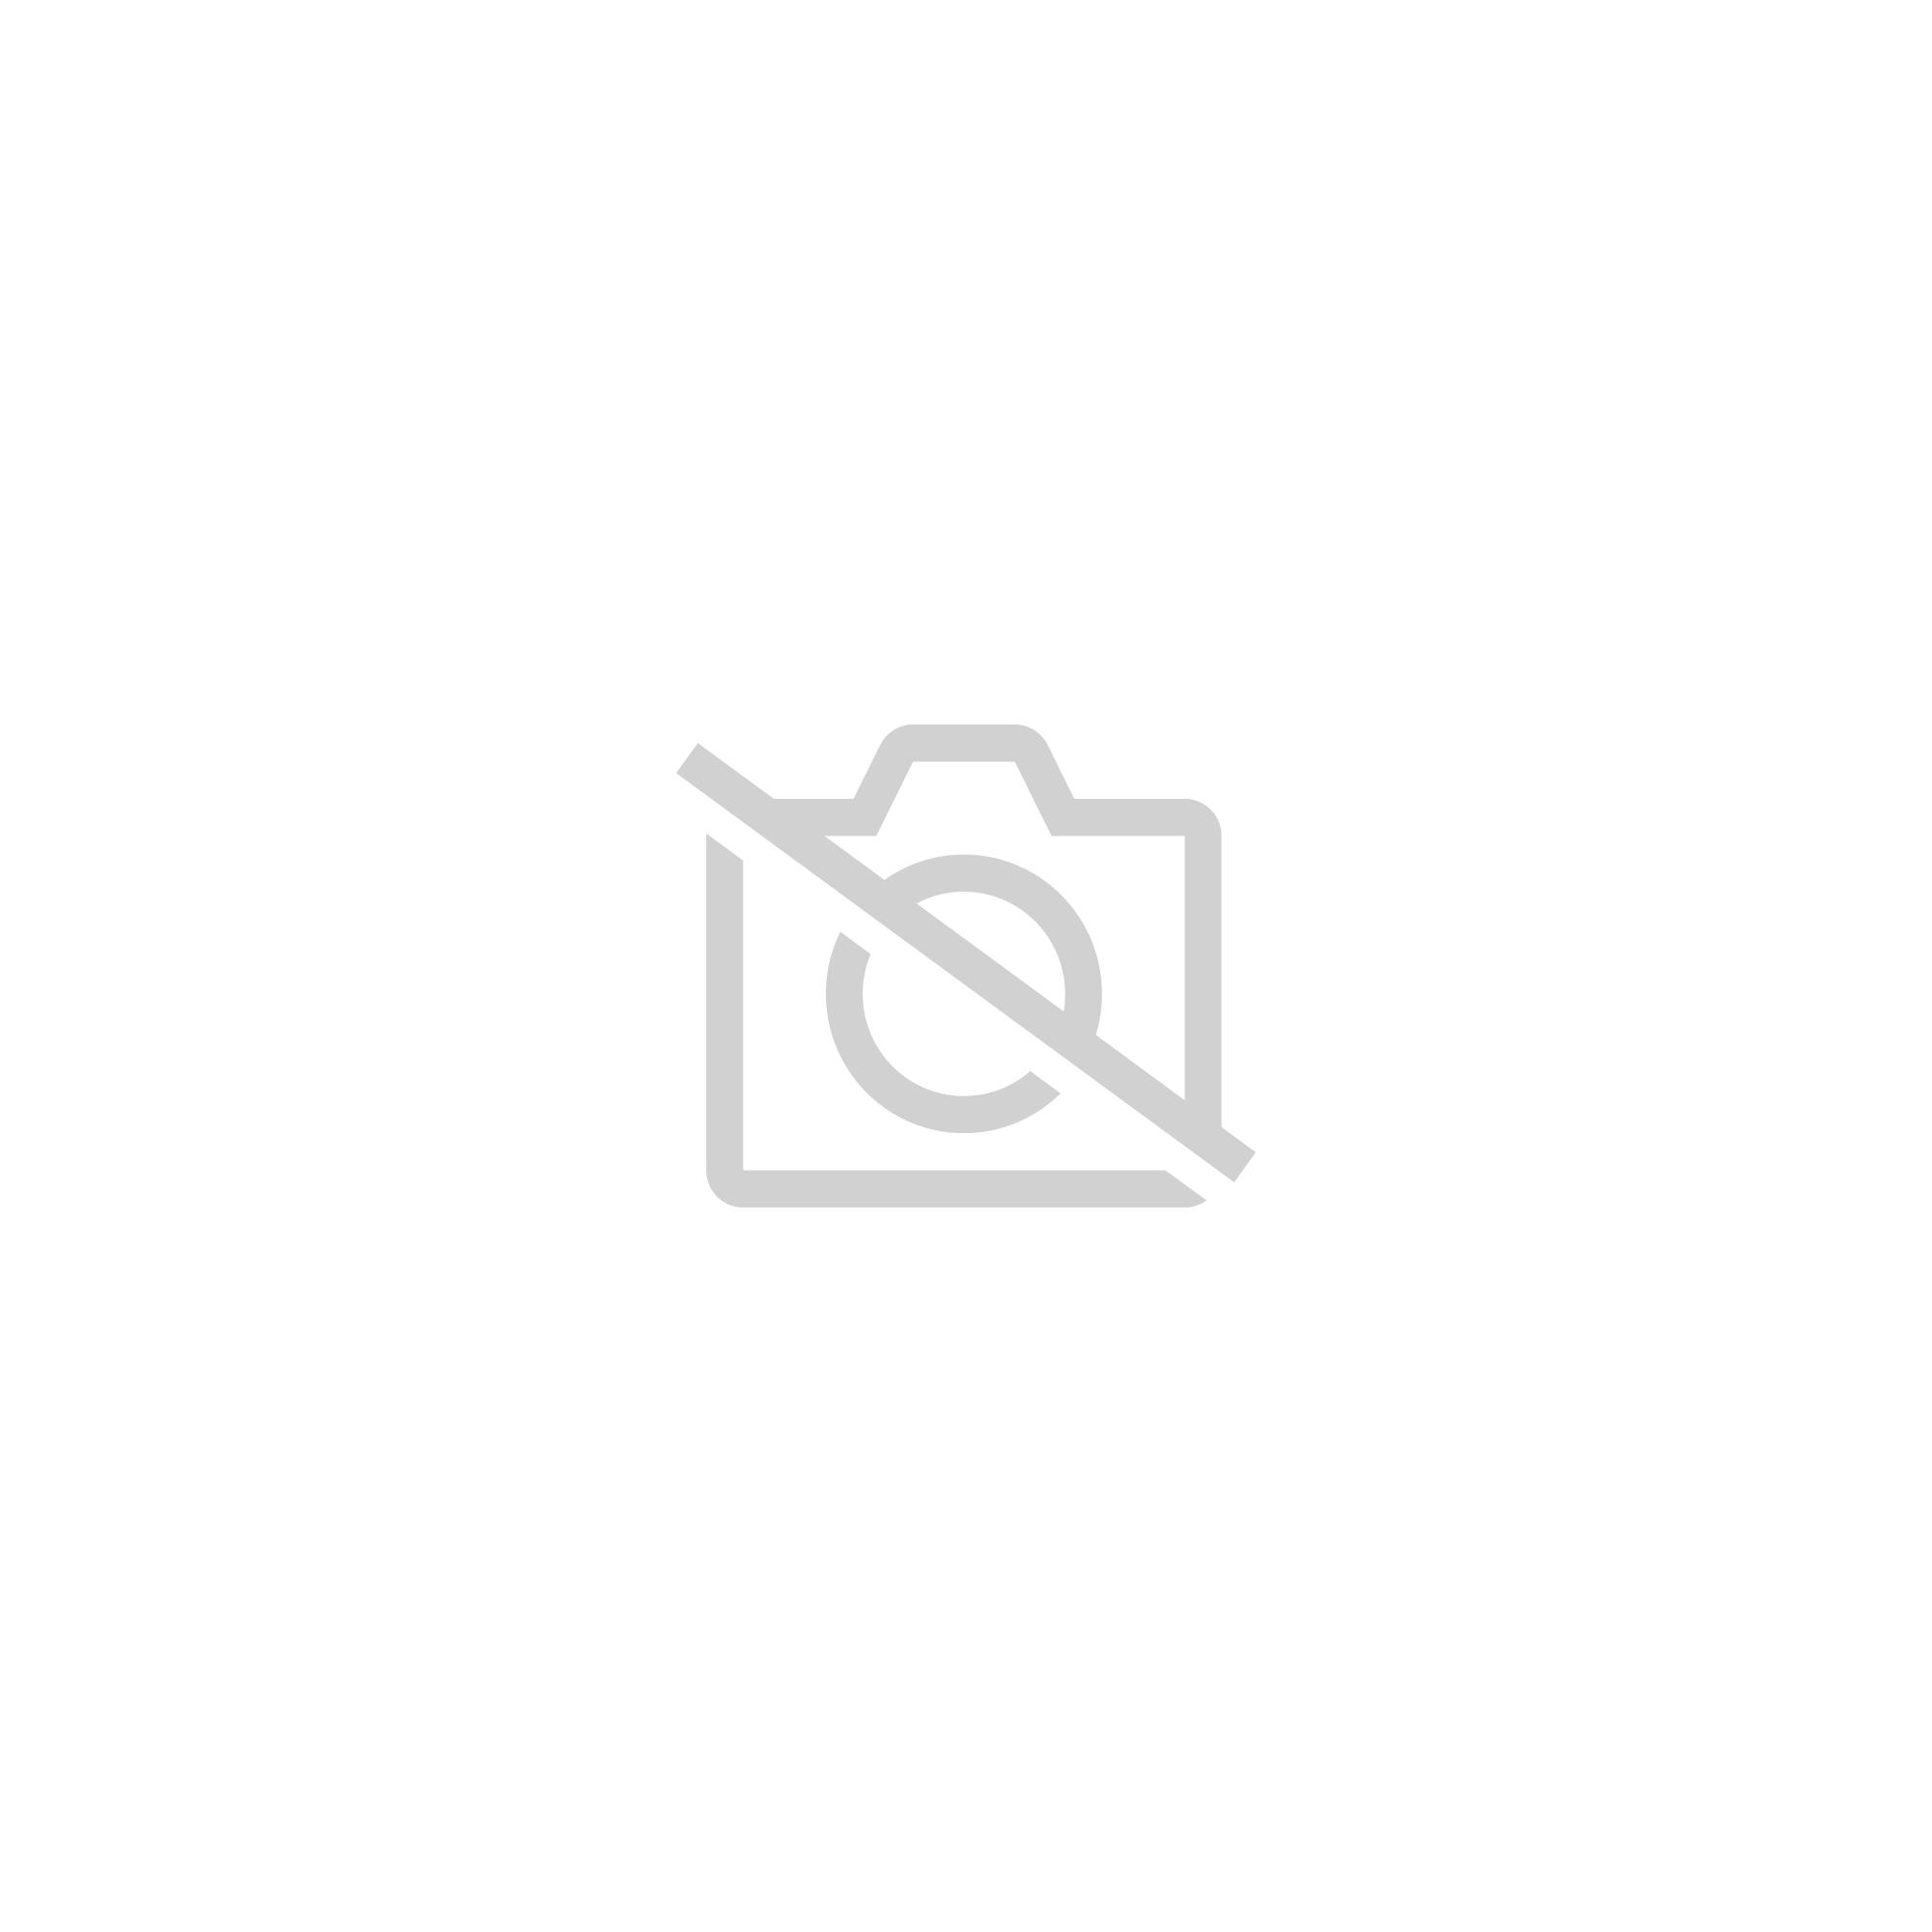 Je Vais Vous Apprendre à Réussir La PACES - EDITION 2019 - Savoir-Faire et Secrets pour Réussir la Première Année des Etudes de Santé (PACES, PAES, PCEM1) - Editions du 46 - 02/04/2019